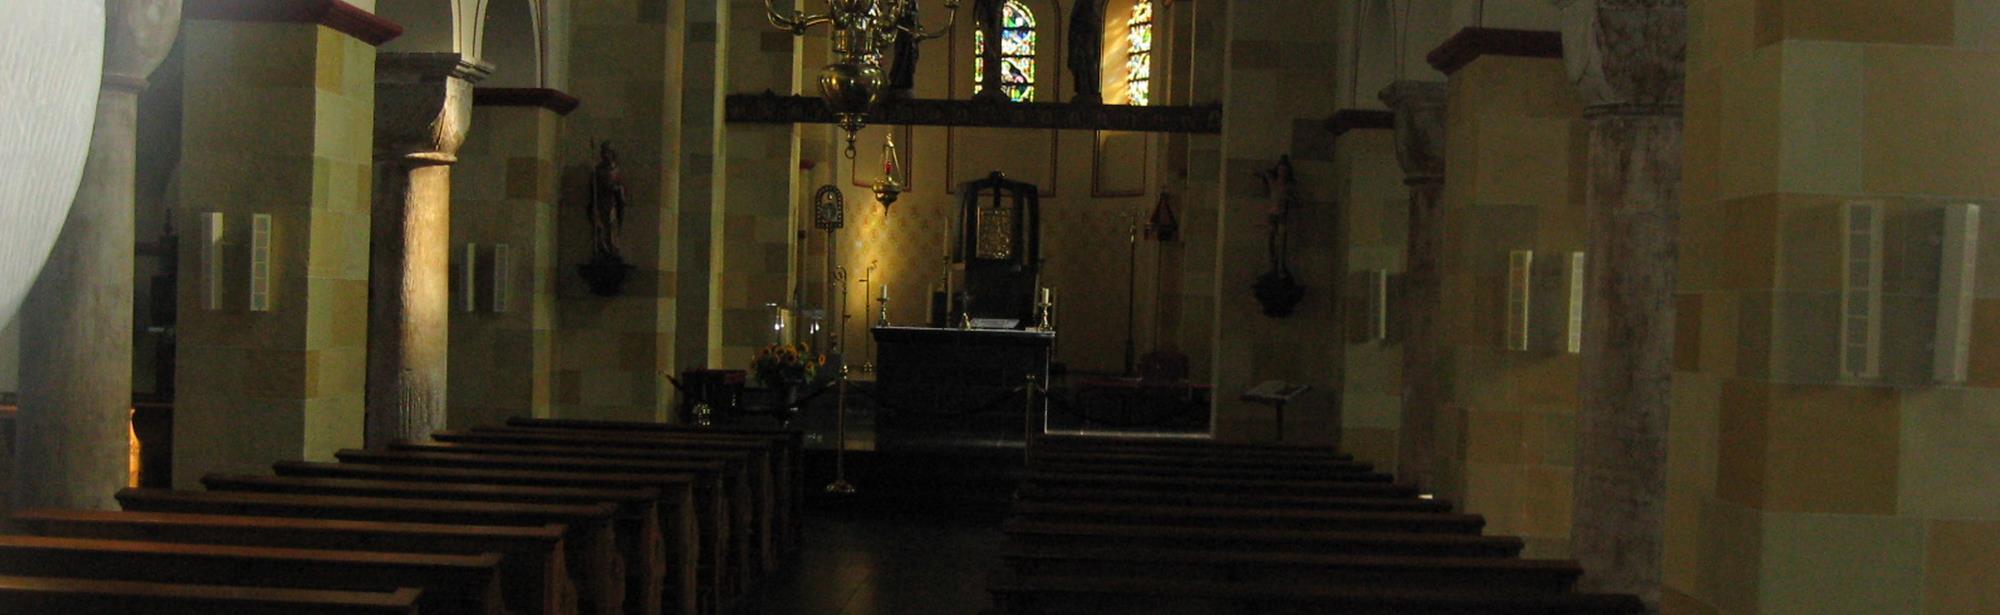 Schatkamer van de Heilige Amelbergakerk Susteren